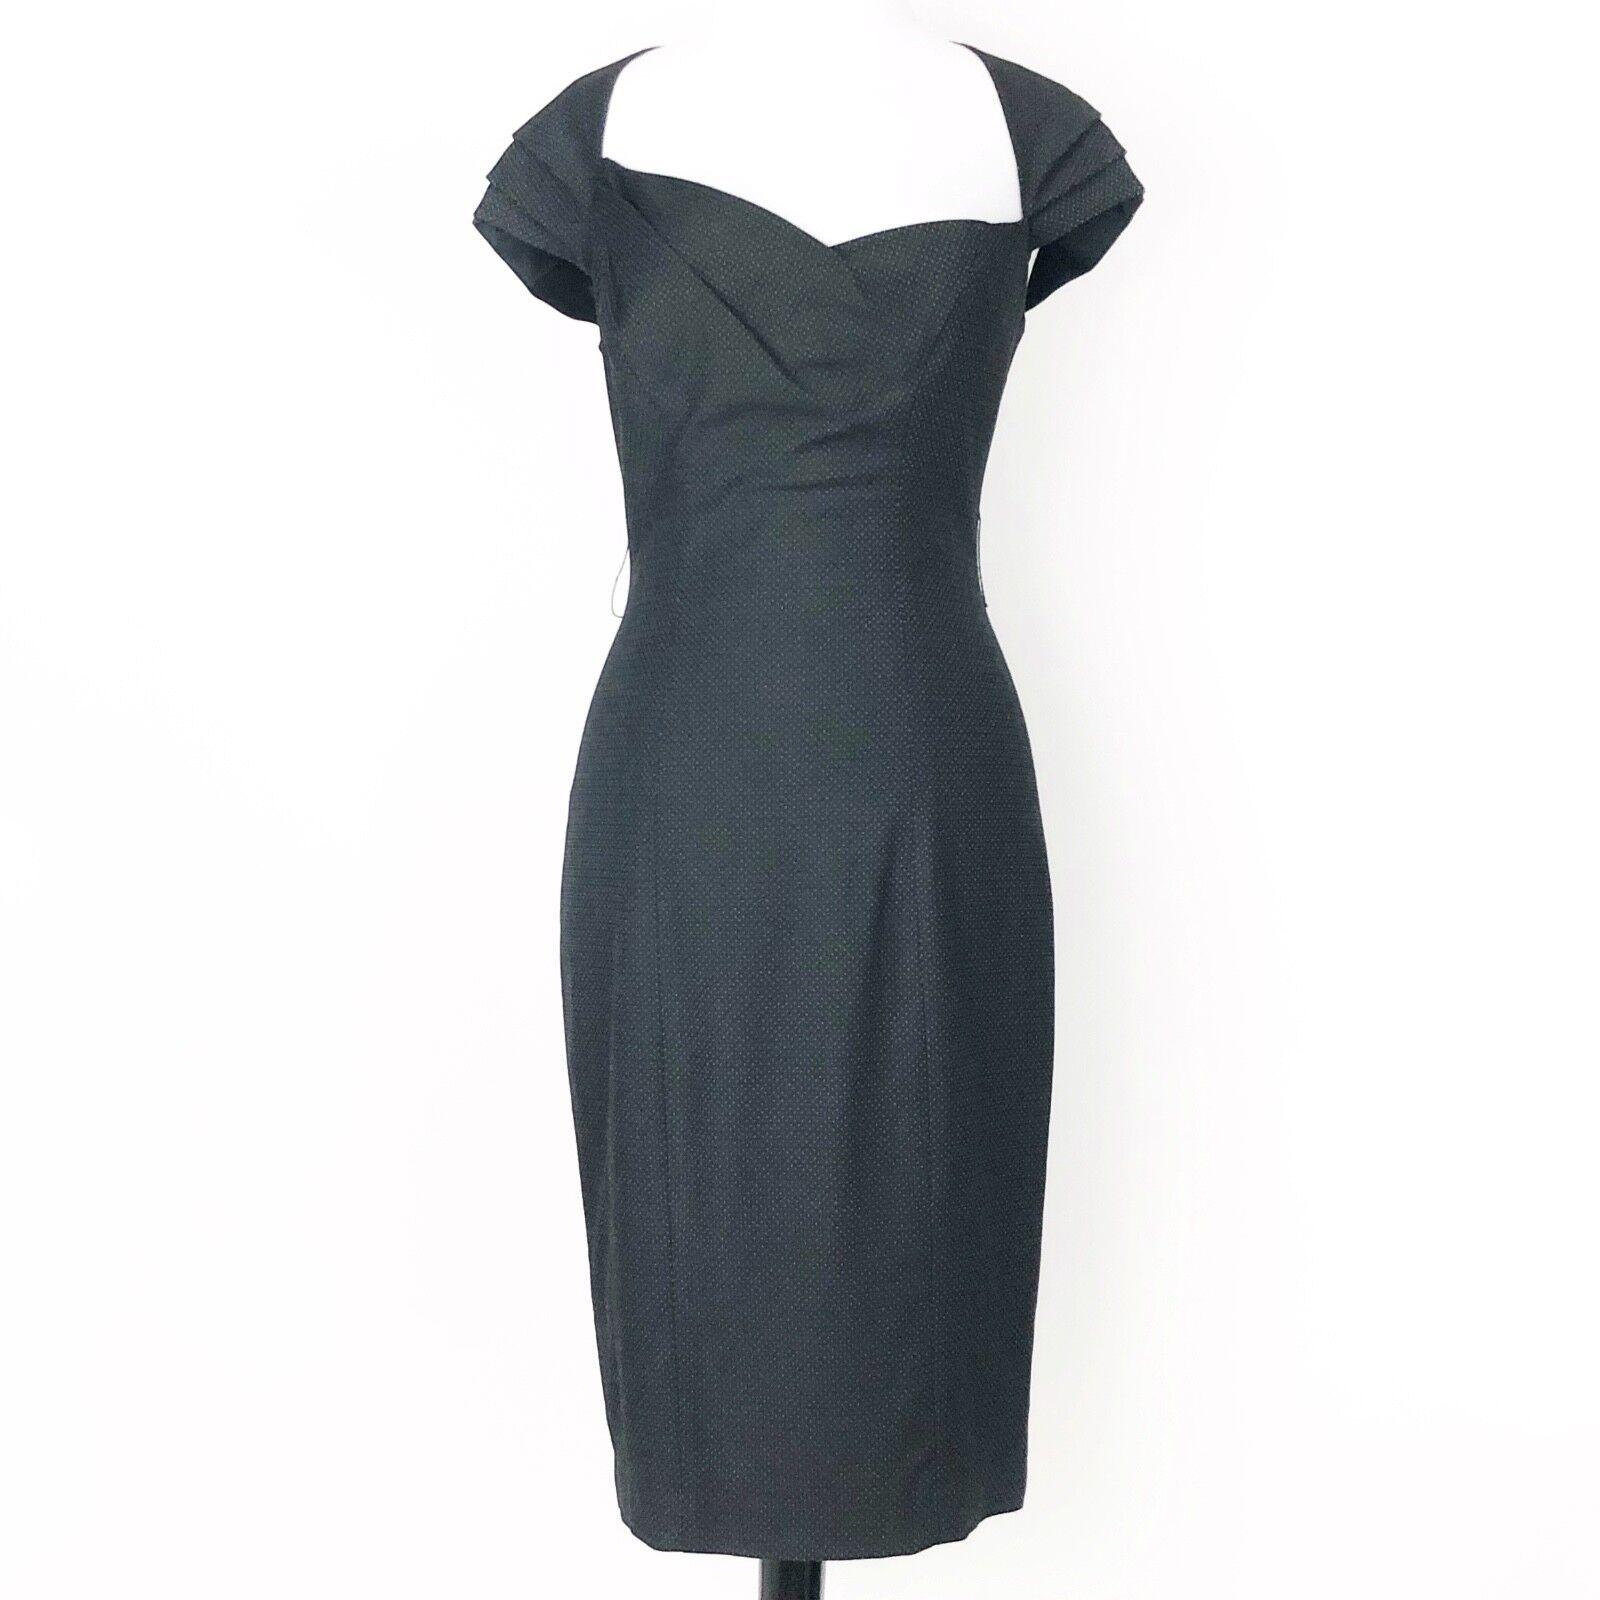 Bebe schwarz Polka Dot Texturot Asymmetrical Neckline Pleat Sheath Pencil Dress 6